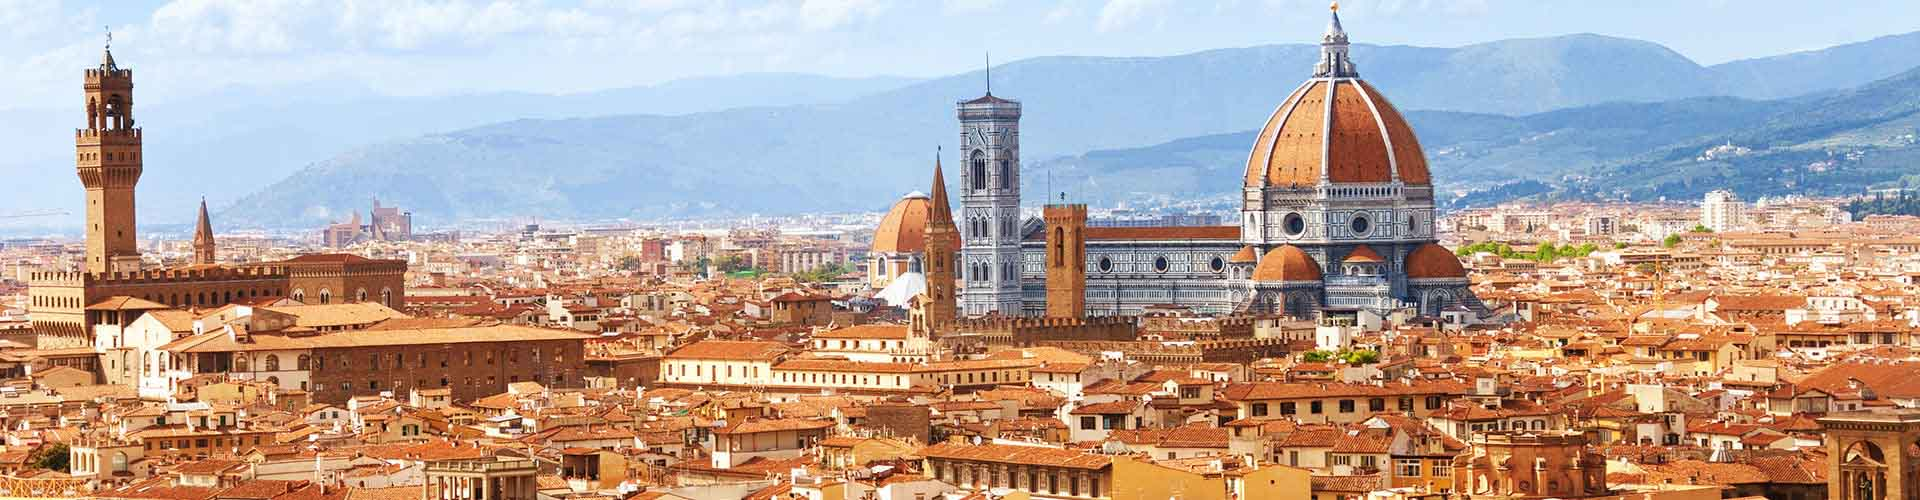 Florence - Auberges de jeunesse dans le quartier de Il Prato - Pignone. Cartes pour Florence, photos et commentaires pour chaque auberge de jeunesse à Florence.